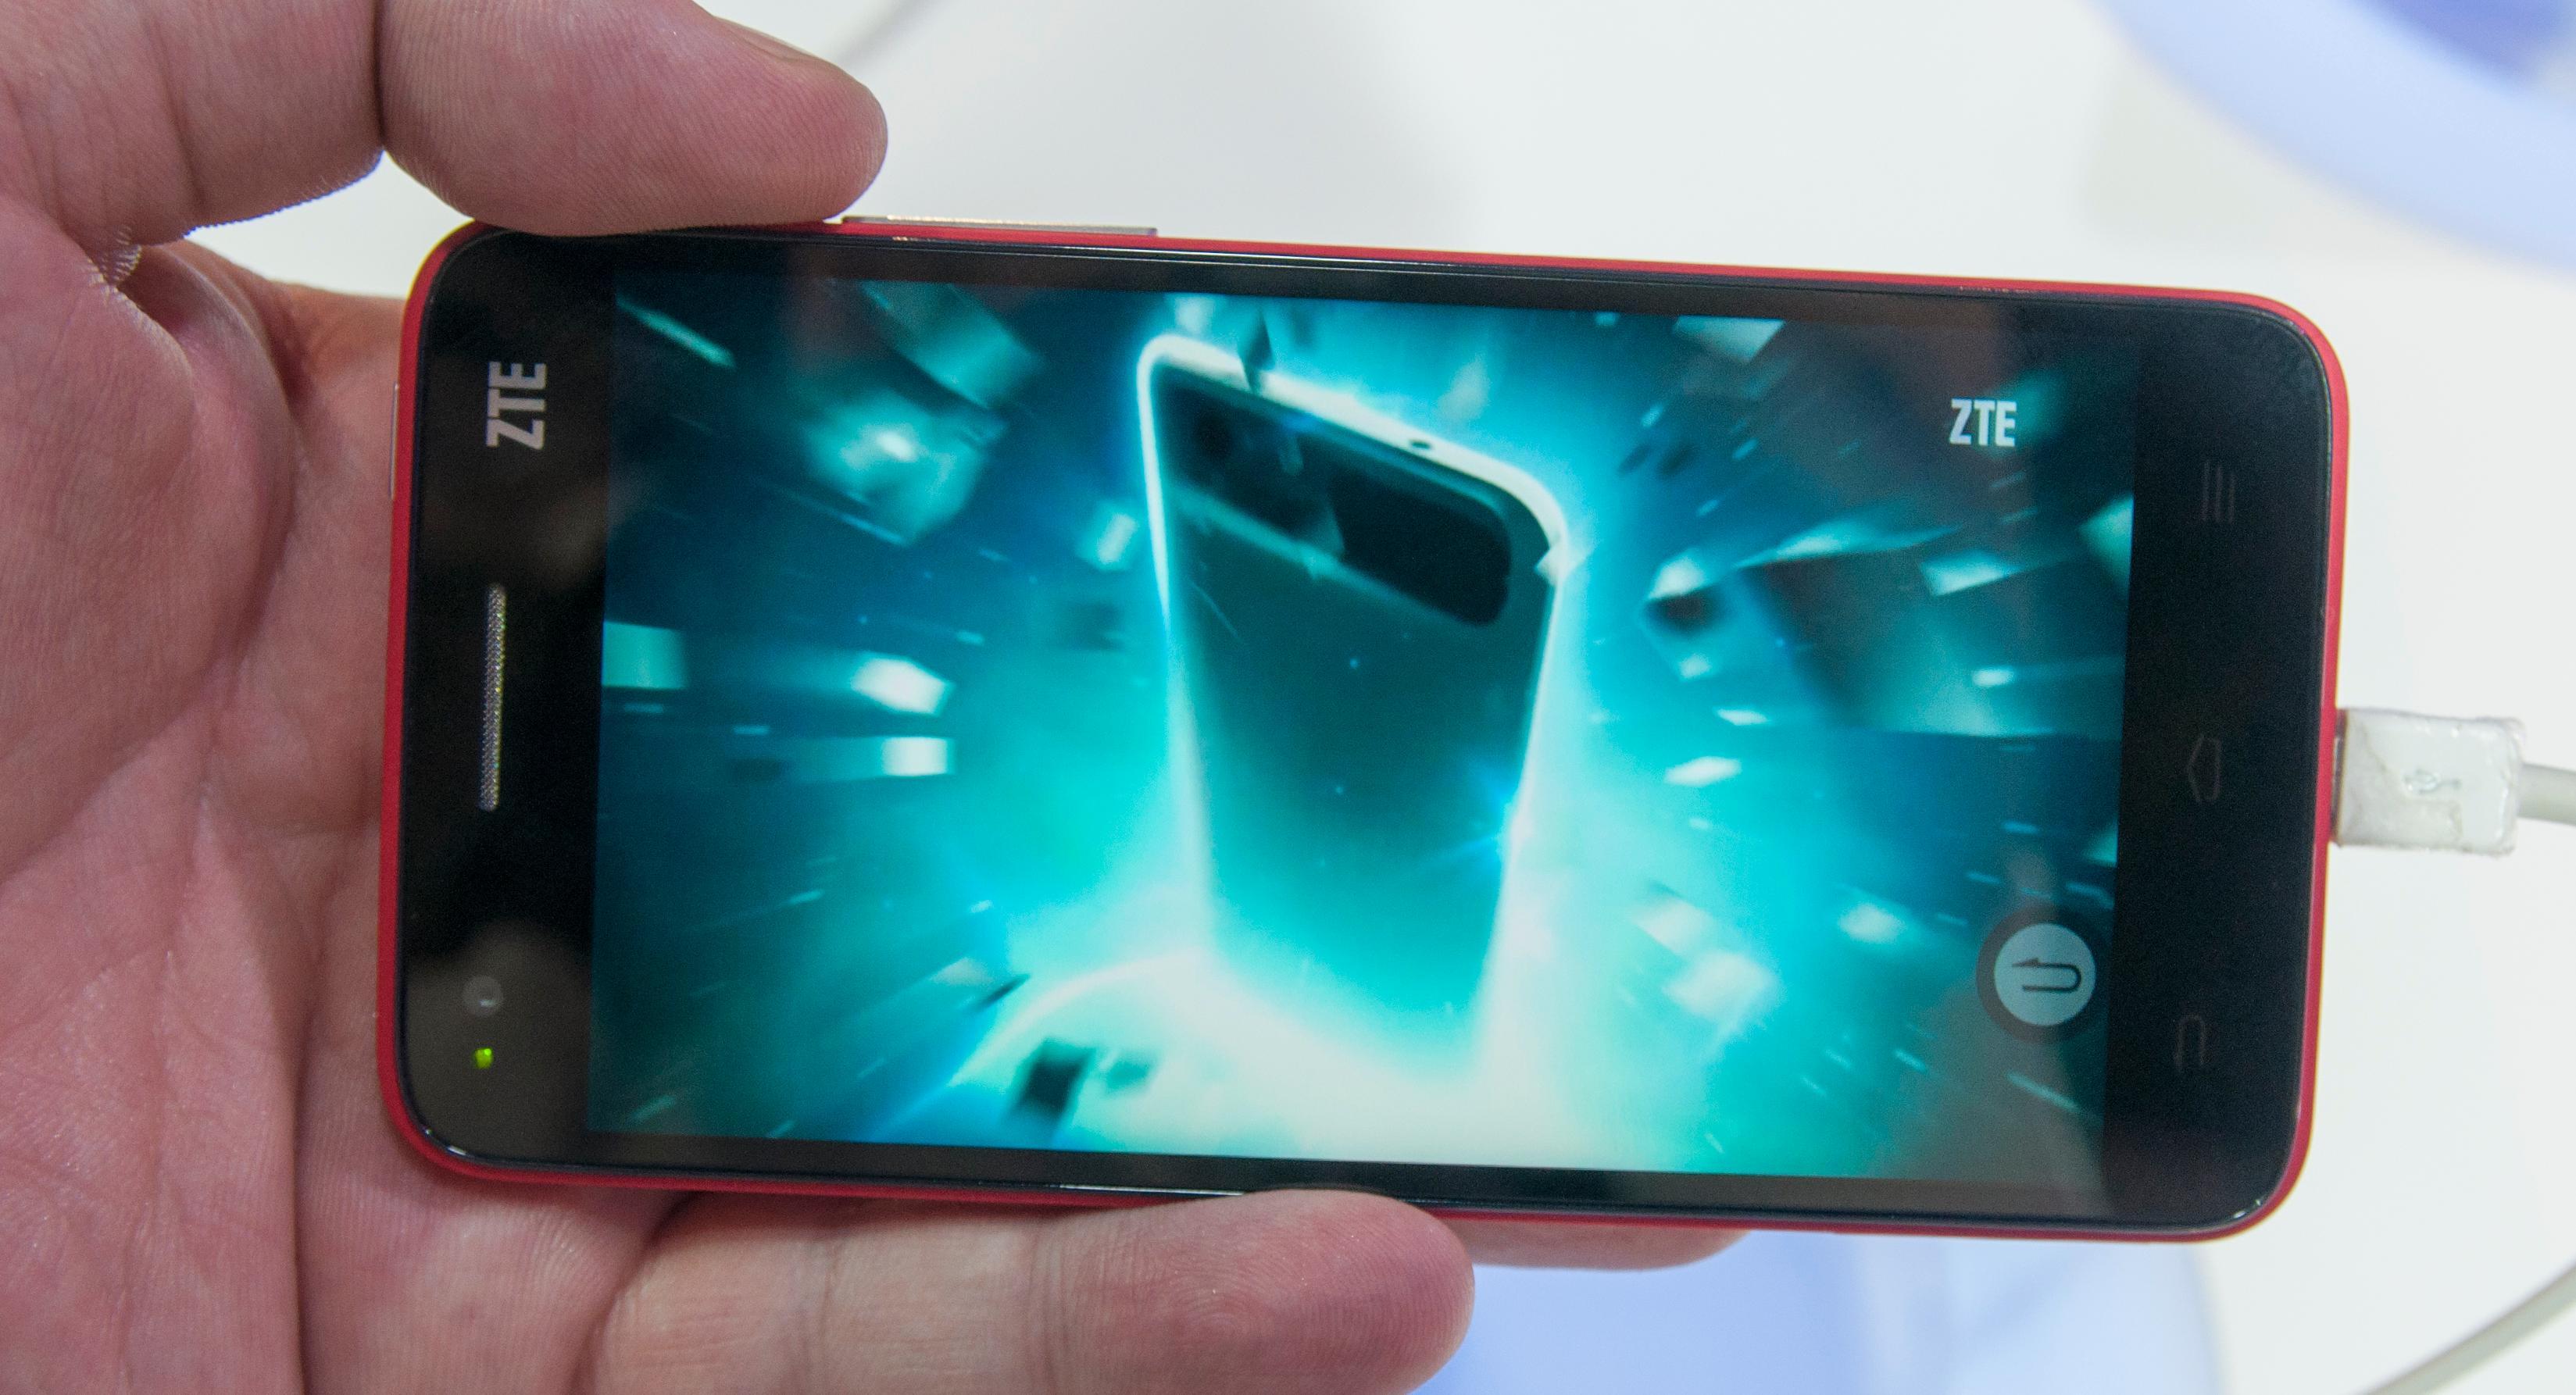 I fjor overrasket ZTE med en mobil ulikt det meste annet de har stått for tidligere. I år ventes det at oppfølgeren dukker opp.Foto: Finn Jarle Kvalheim, Amobil.no